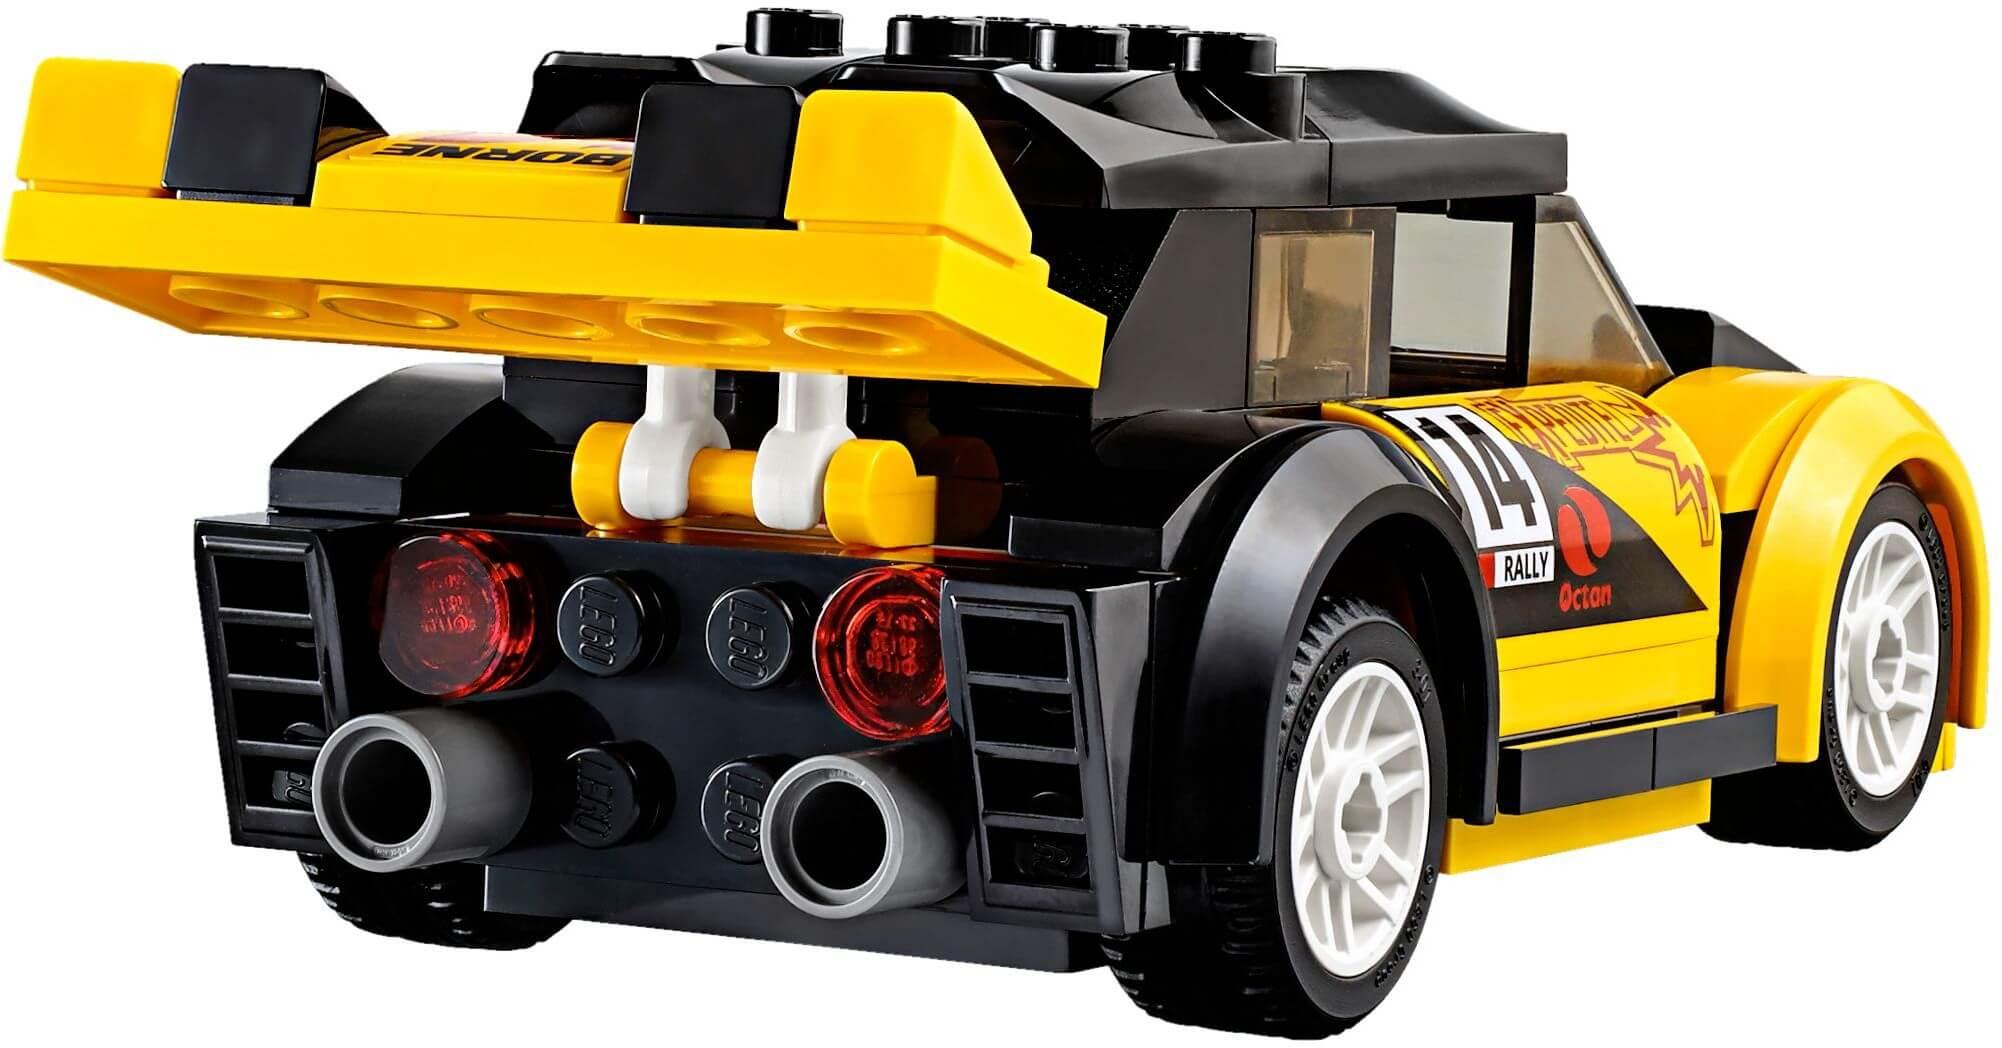 Mua đồ chơi LEGO 60113 - LEGO City 60113 - Xe Đua Siêu Tốc (LEGO City Rally Car 60113)